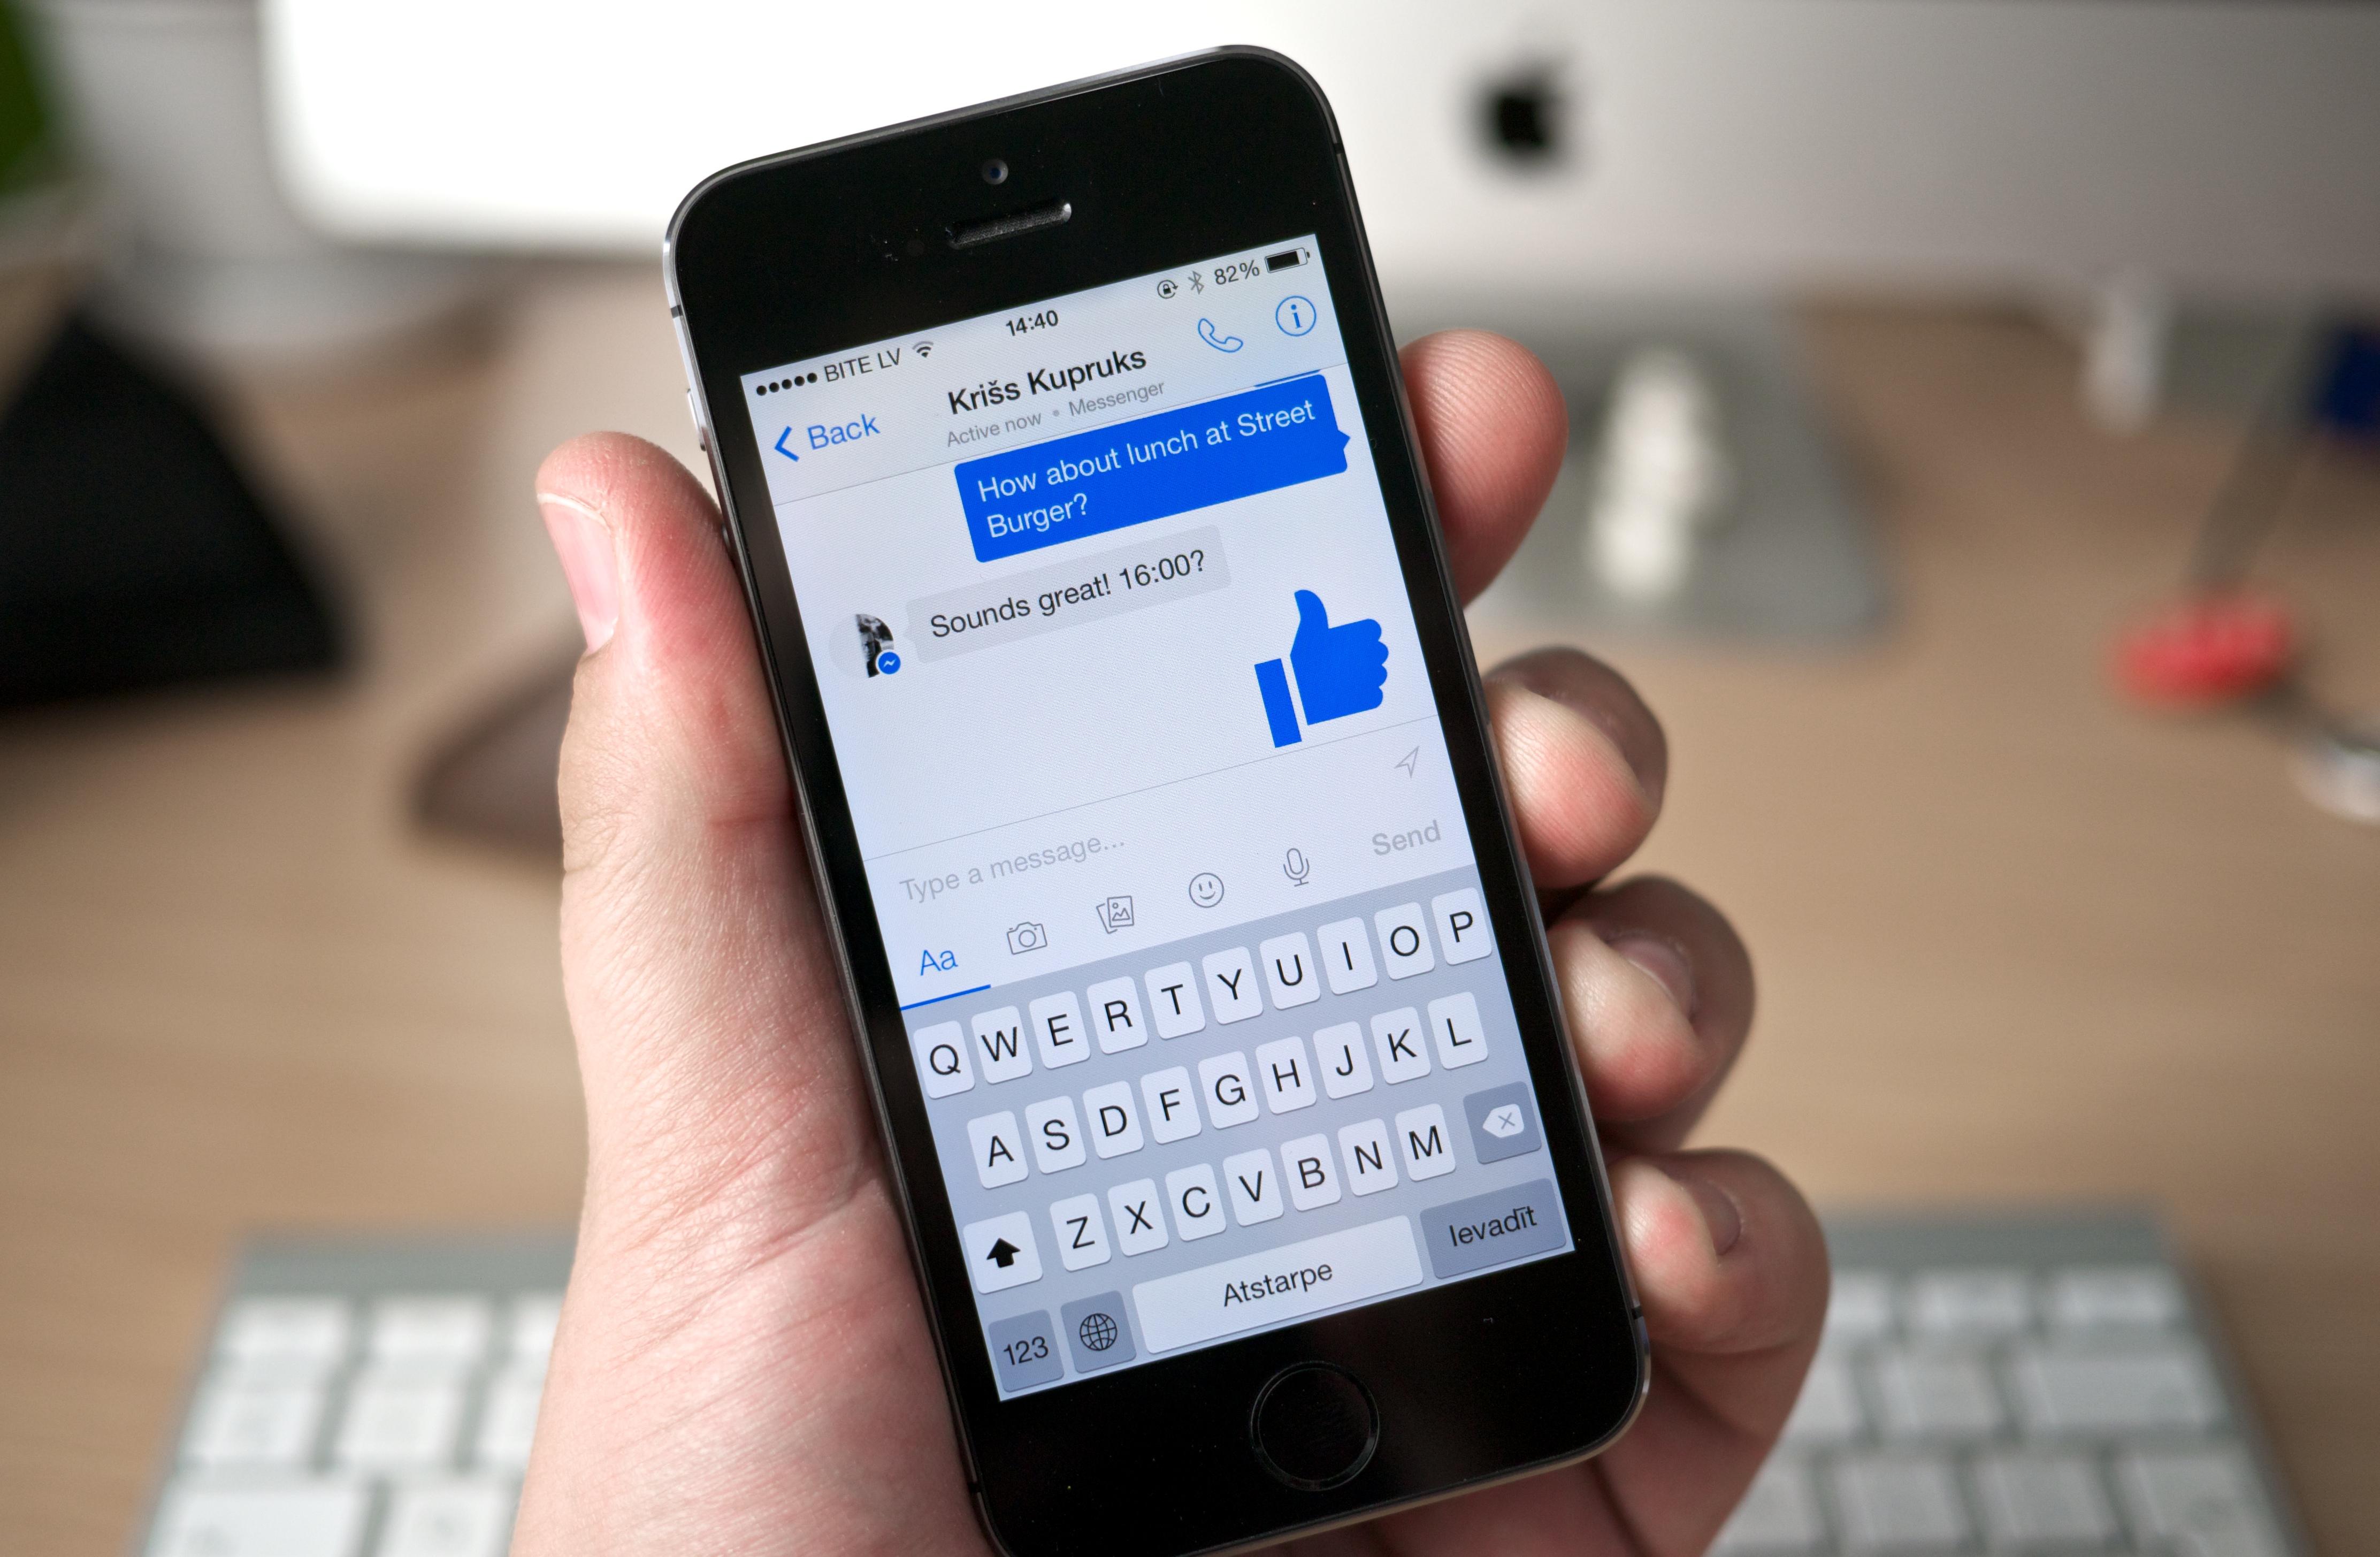 Facebook ønsker å flytte flere brukere inn på Messenger, nå deaktiverer de lynmeldinger fra mobilversjonen av nettsidene sine.